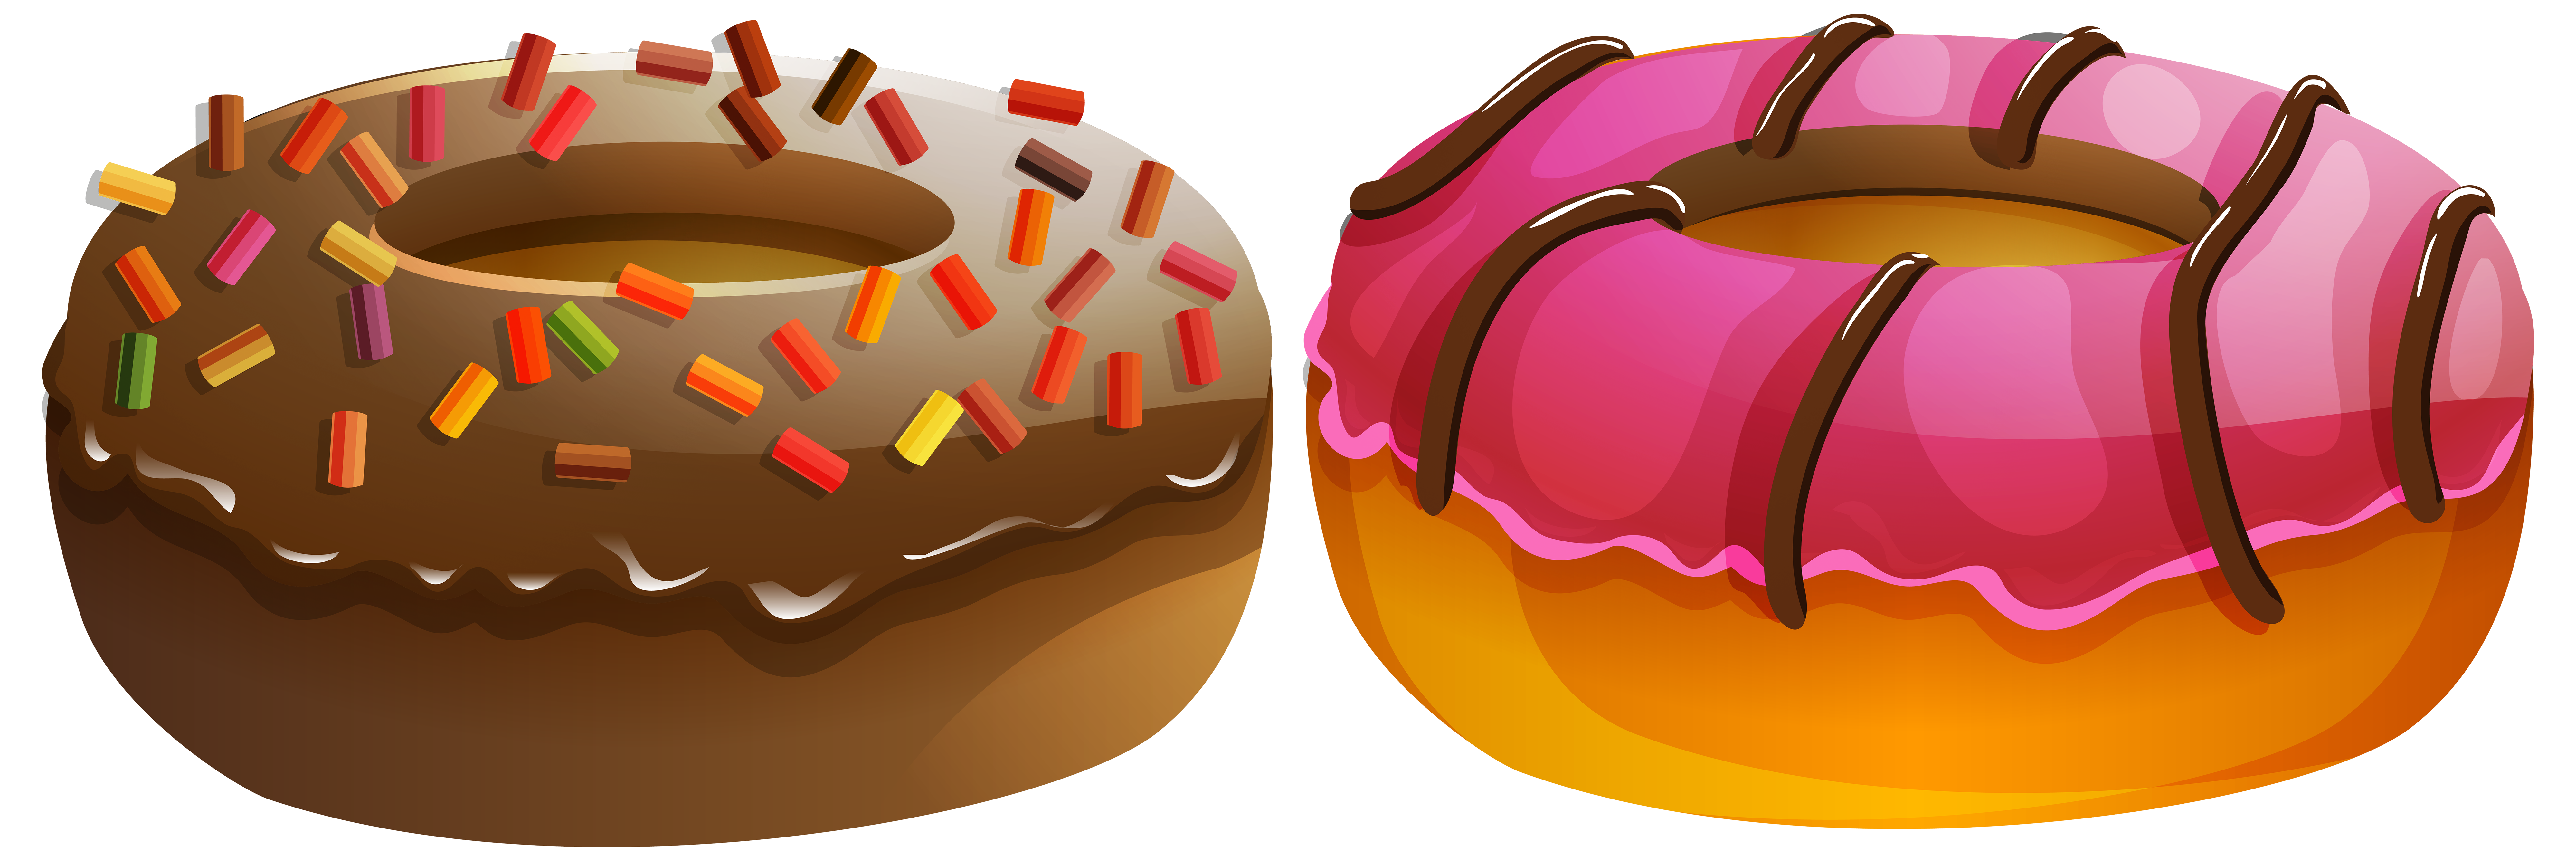 Doughnuts png clip art. Hearts clipart donut